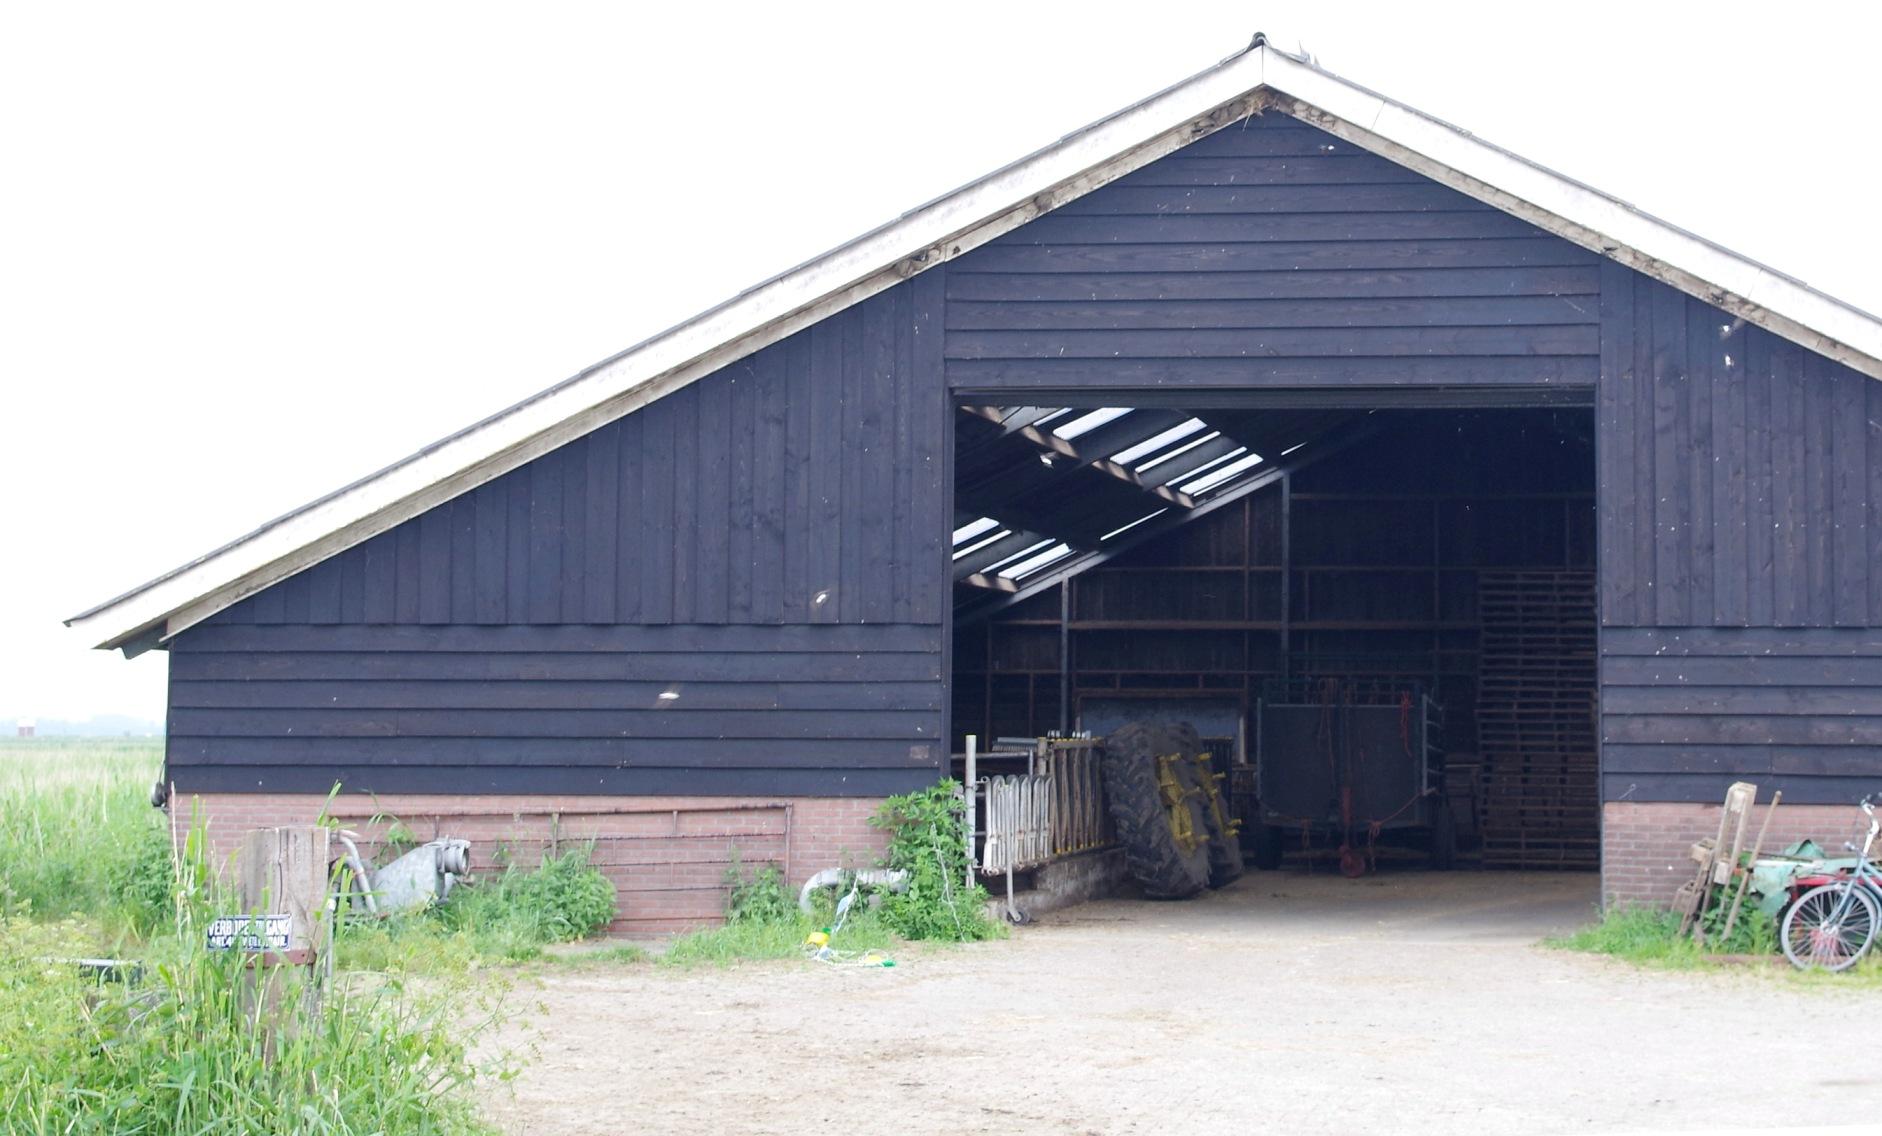 Op het melkveebedrijf Ark staan twee grote schuren: boerenzwaluwen nestelen binnen en huiszwaluwen buiten tegen de gevel – Foto: ©Gerrit de Graaff